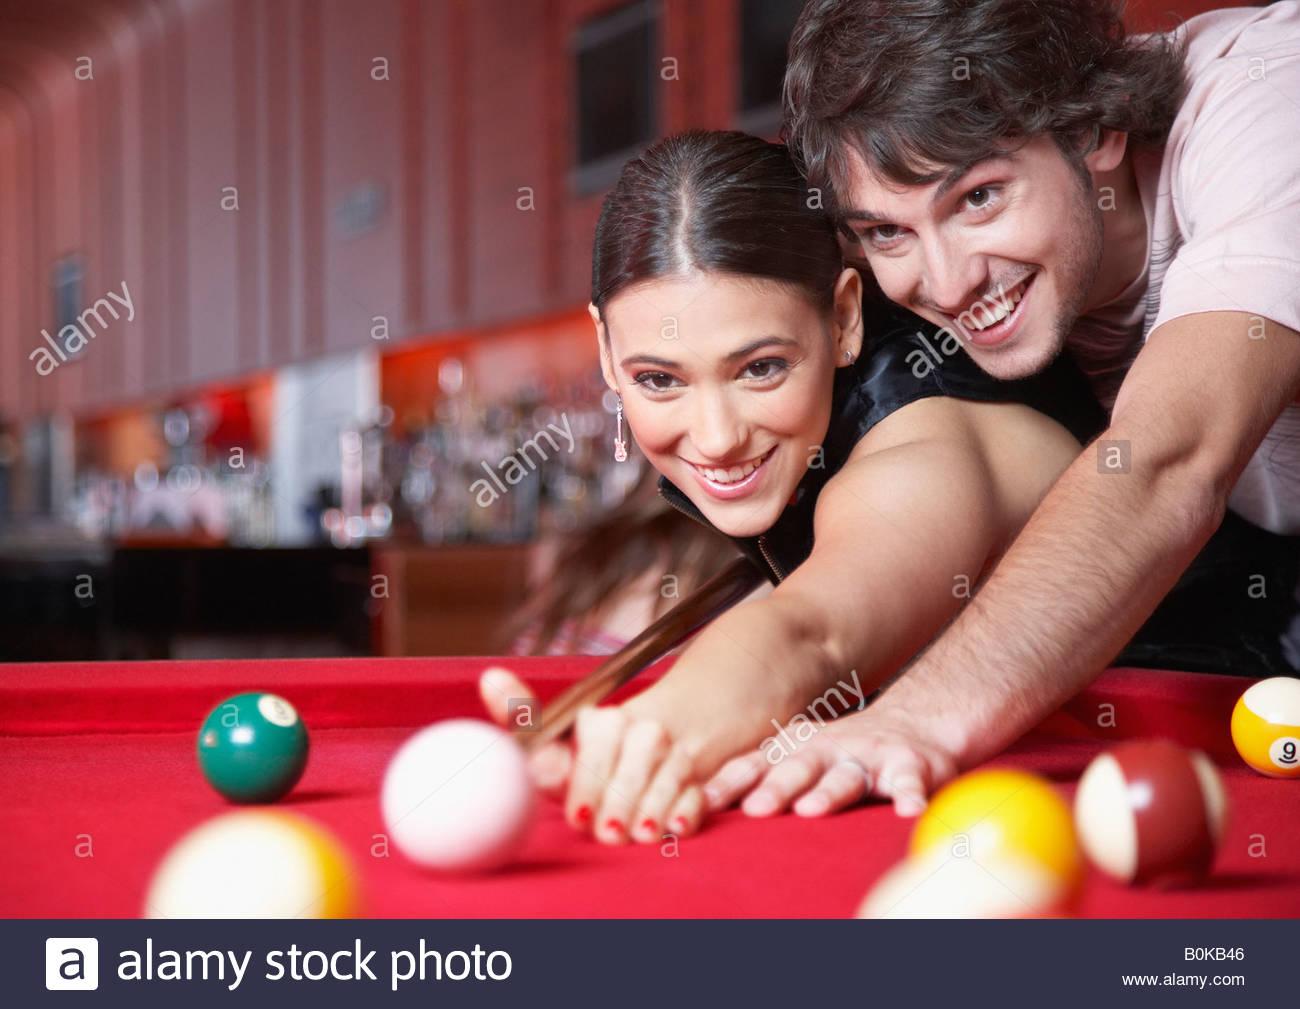 Giovane giocando a biliardo e sorridente Immagini Stock